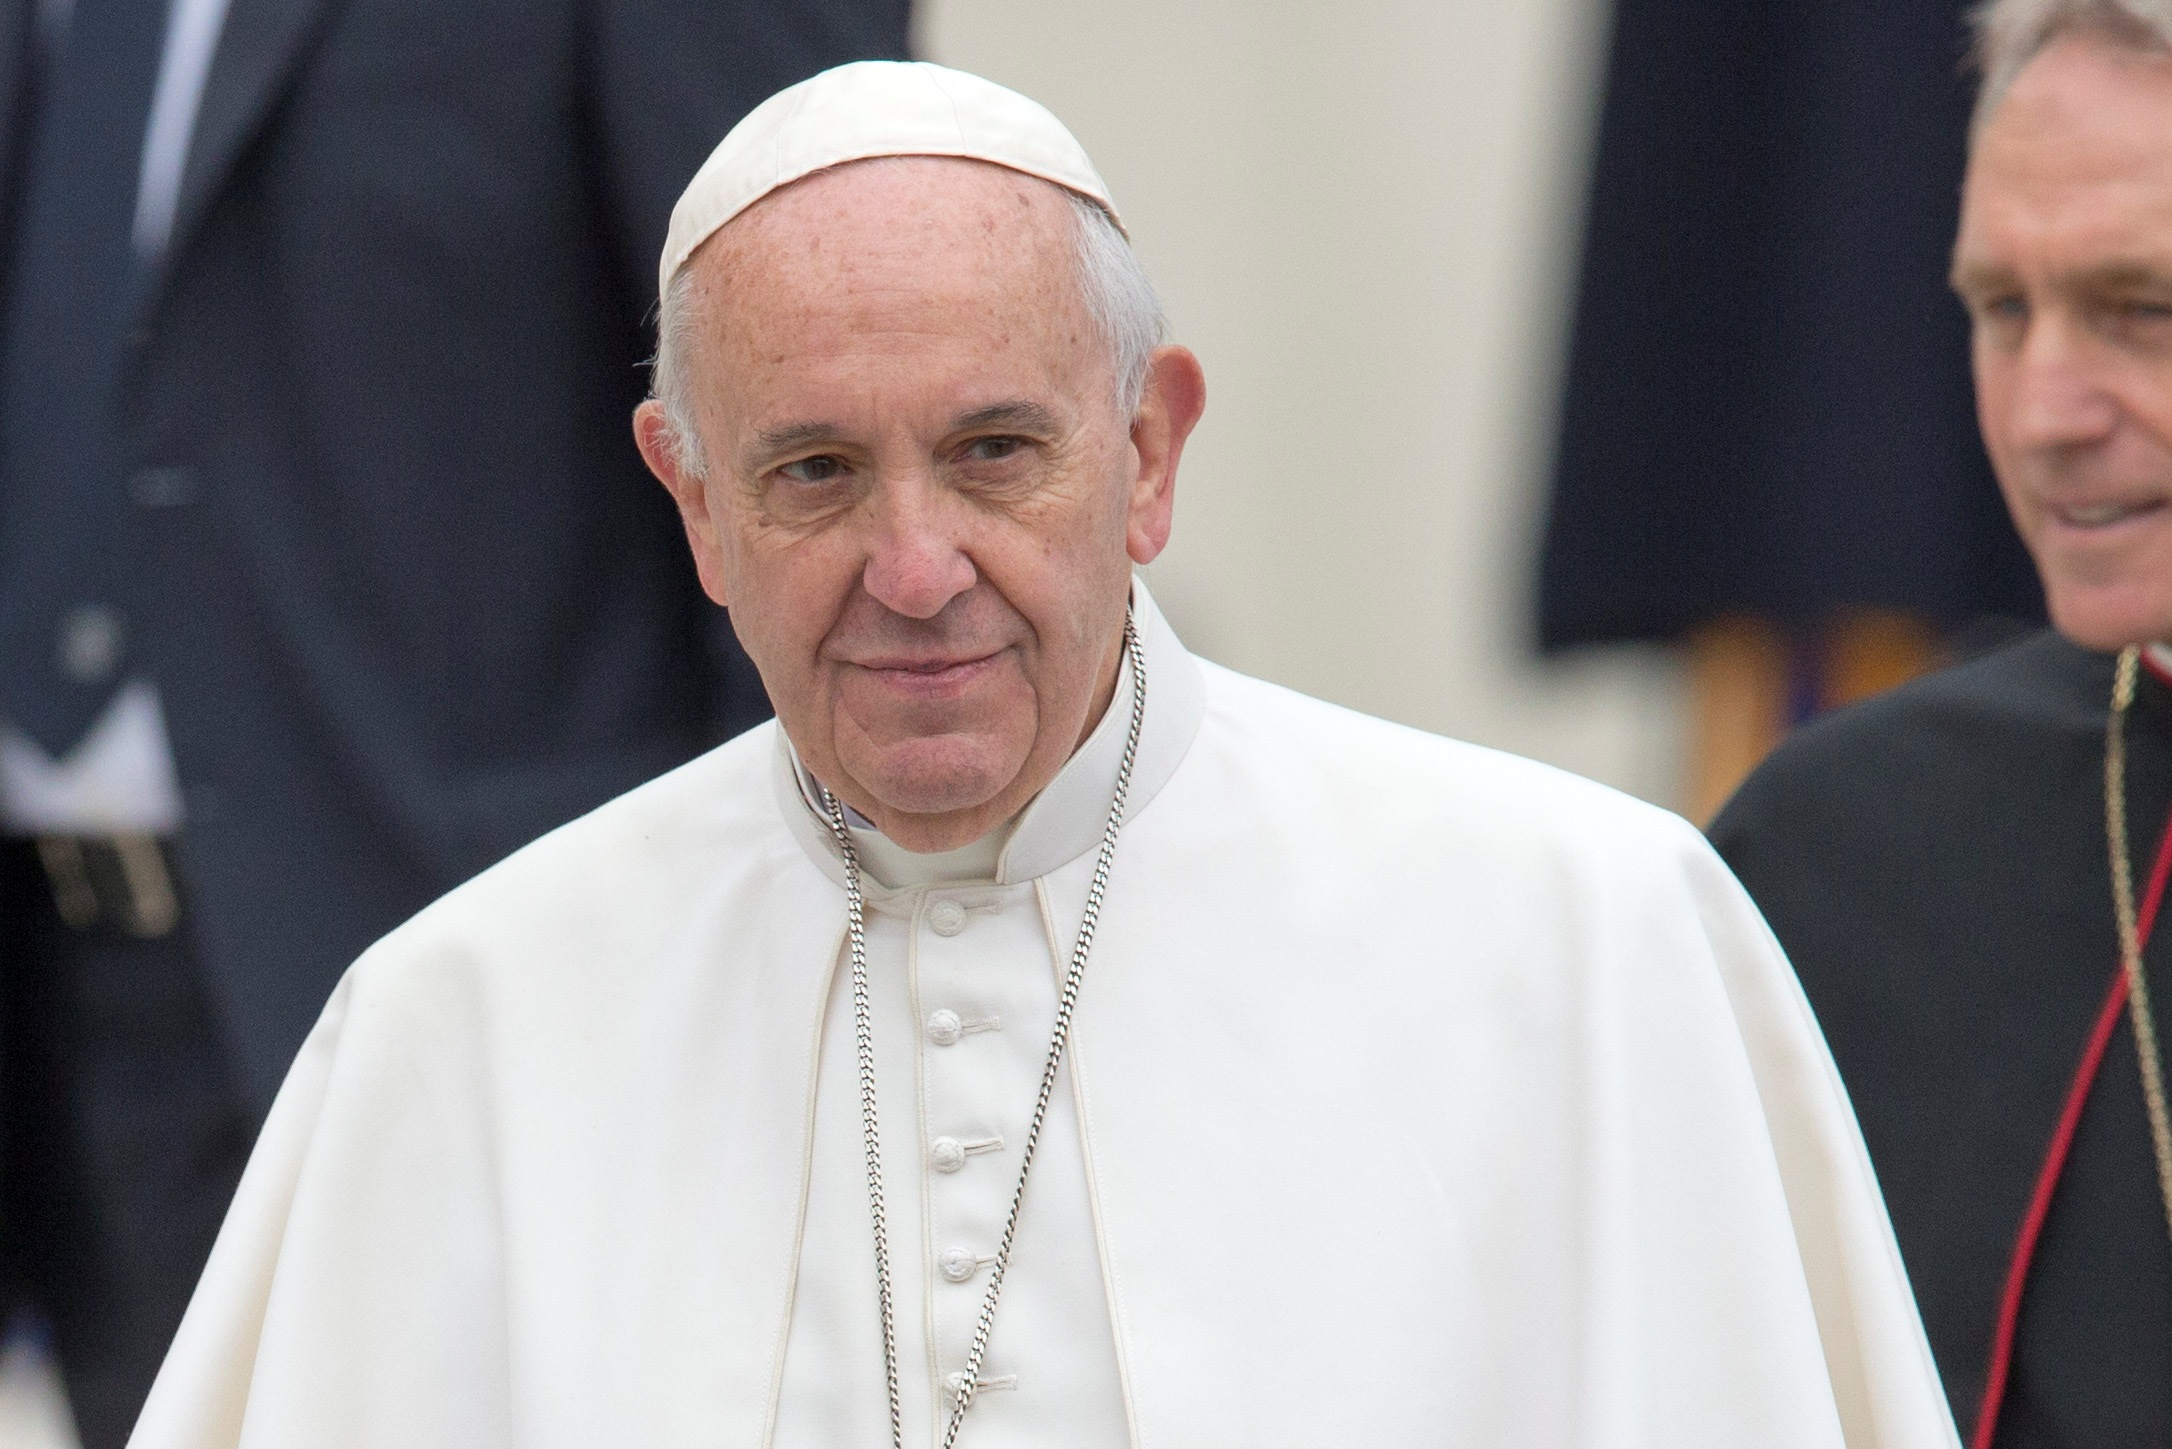 СМИ: предотвращено покушение террористов ИГИЛ на Папу Франциска